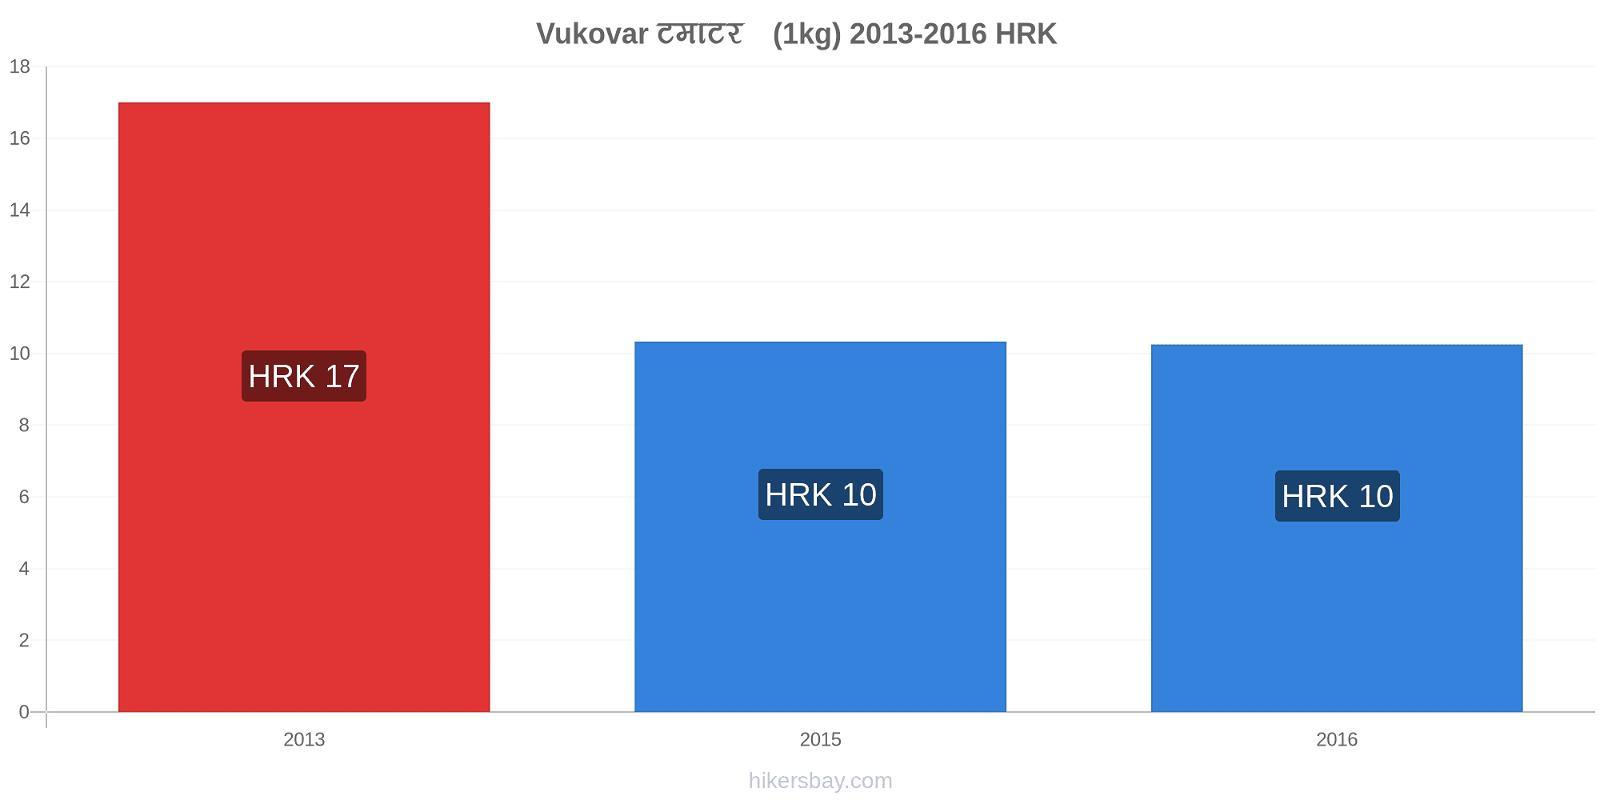 Vukovar मूल्य परिवर्तन टमाटर (1kg) hikersbay.com